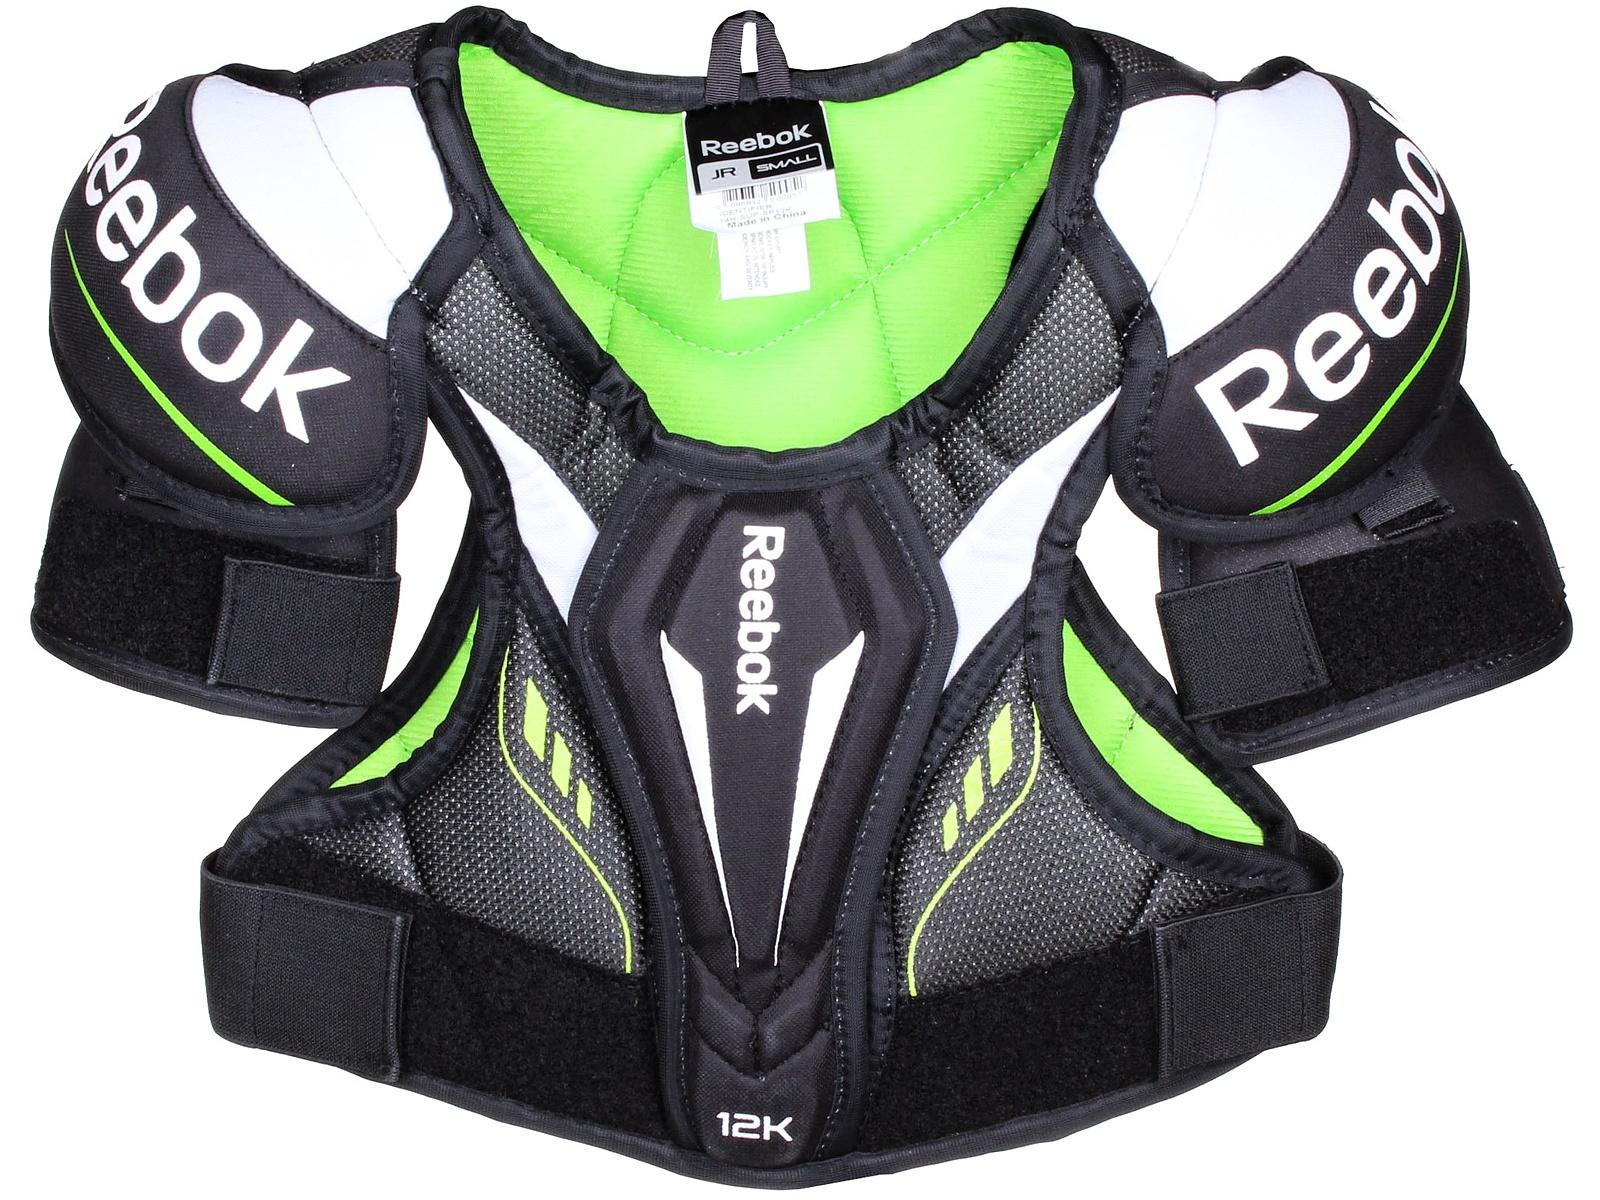 Hokejový chránič ramen REEBOK 12K Limited JR - vel. L